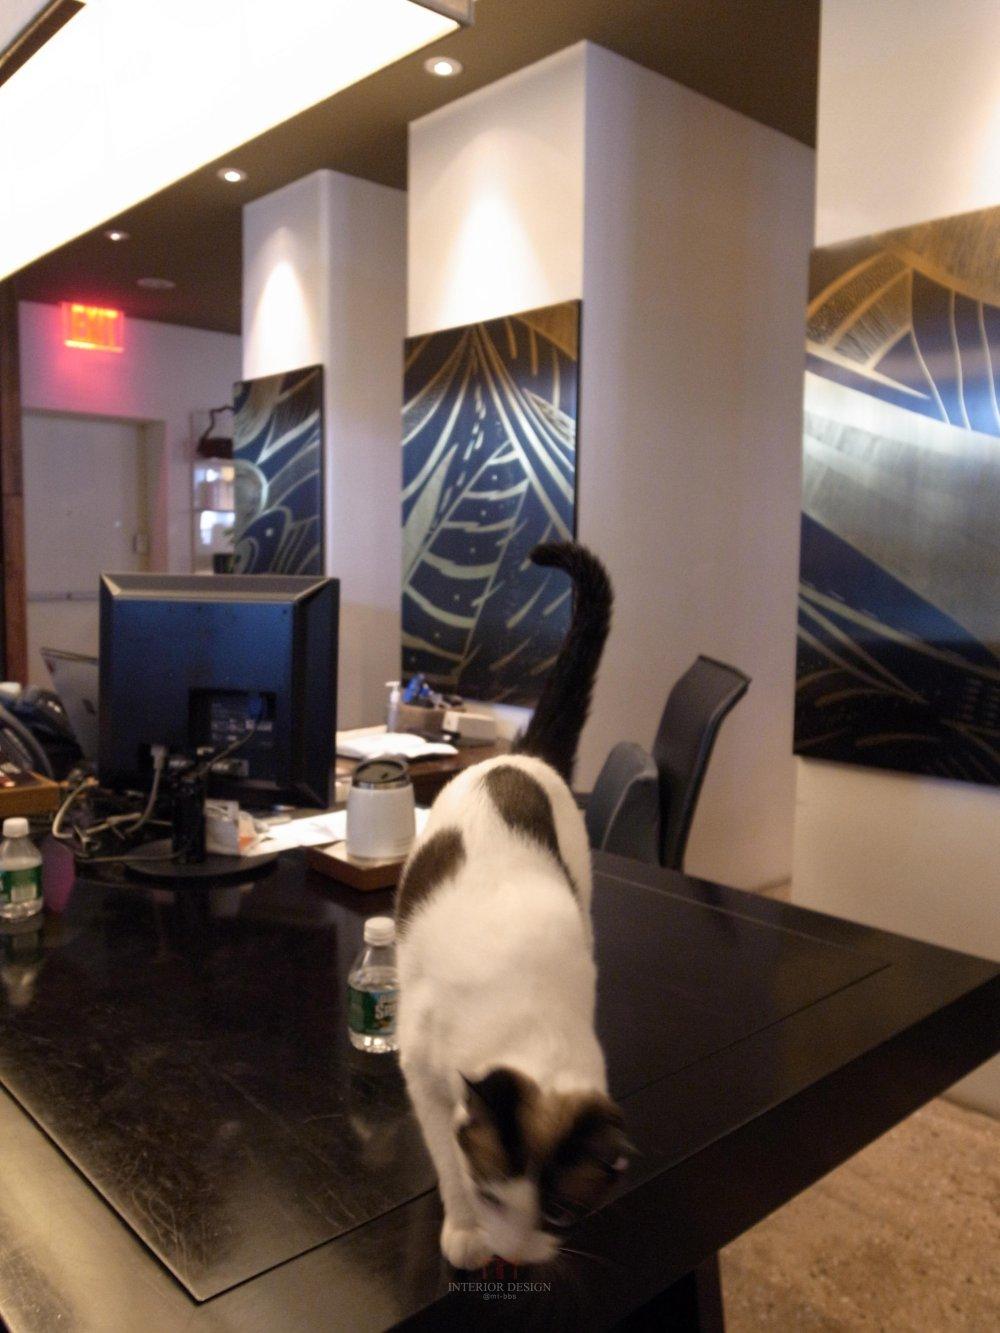 喜欢猫的设计师进,以喵会友!_R0012271.jpg